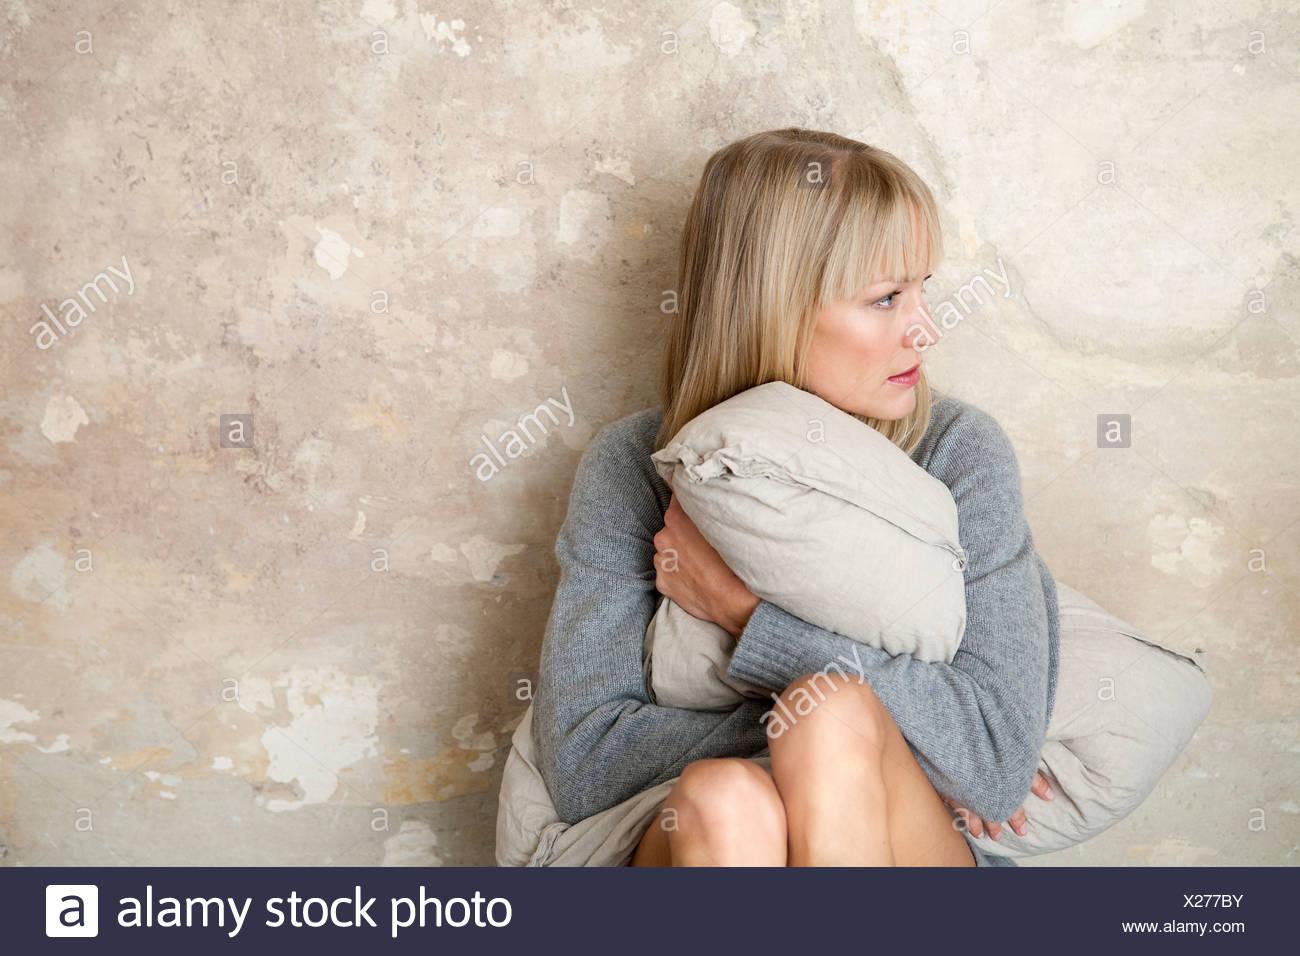 Woman sitting on floor avec oreiller Photo Stock